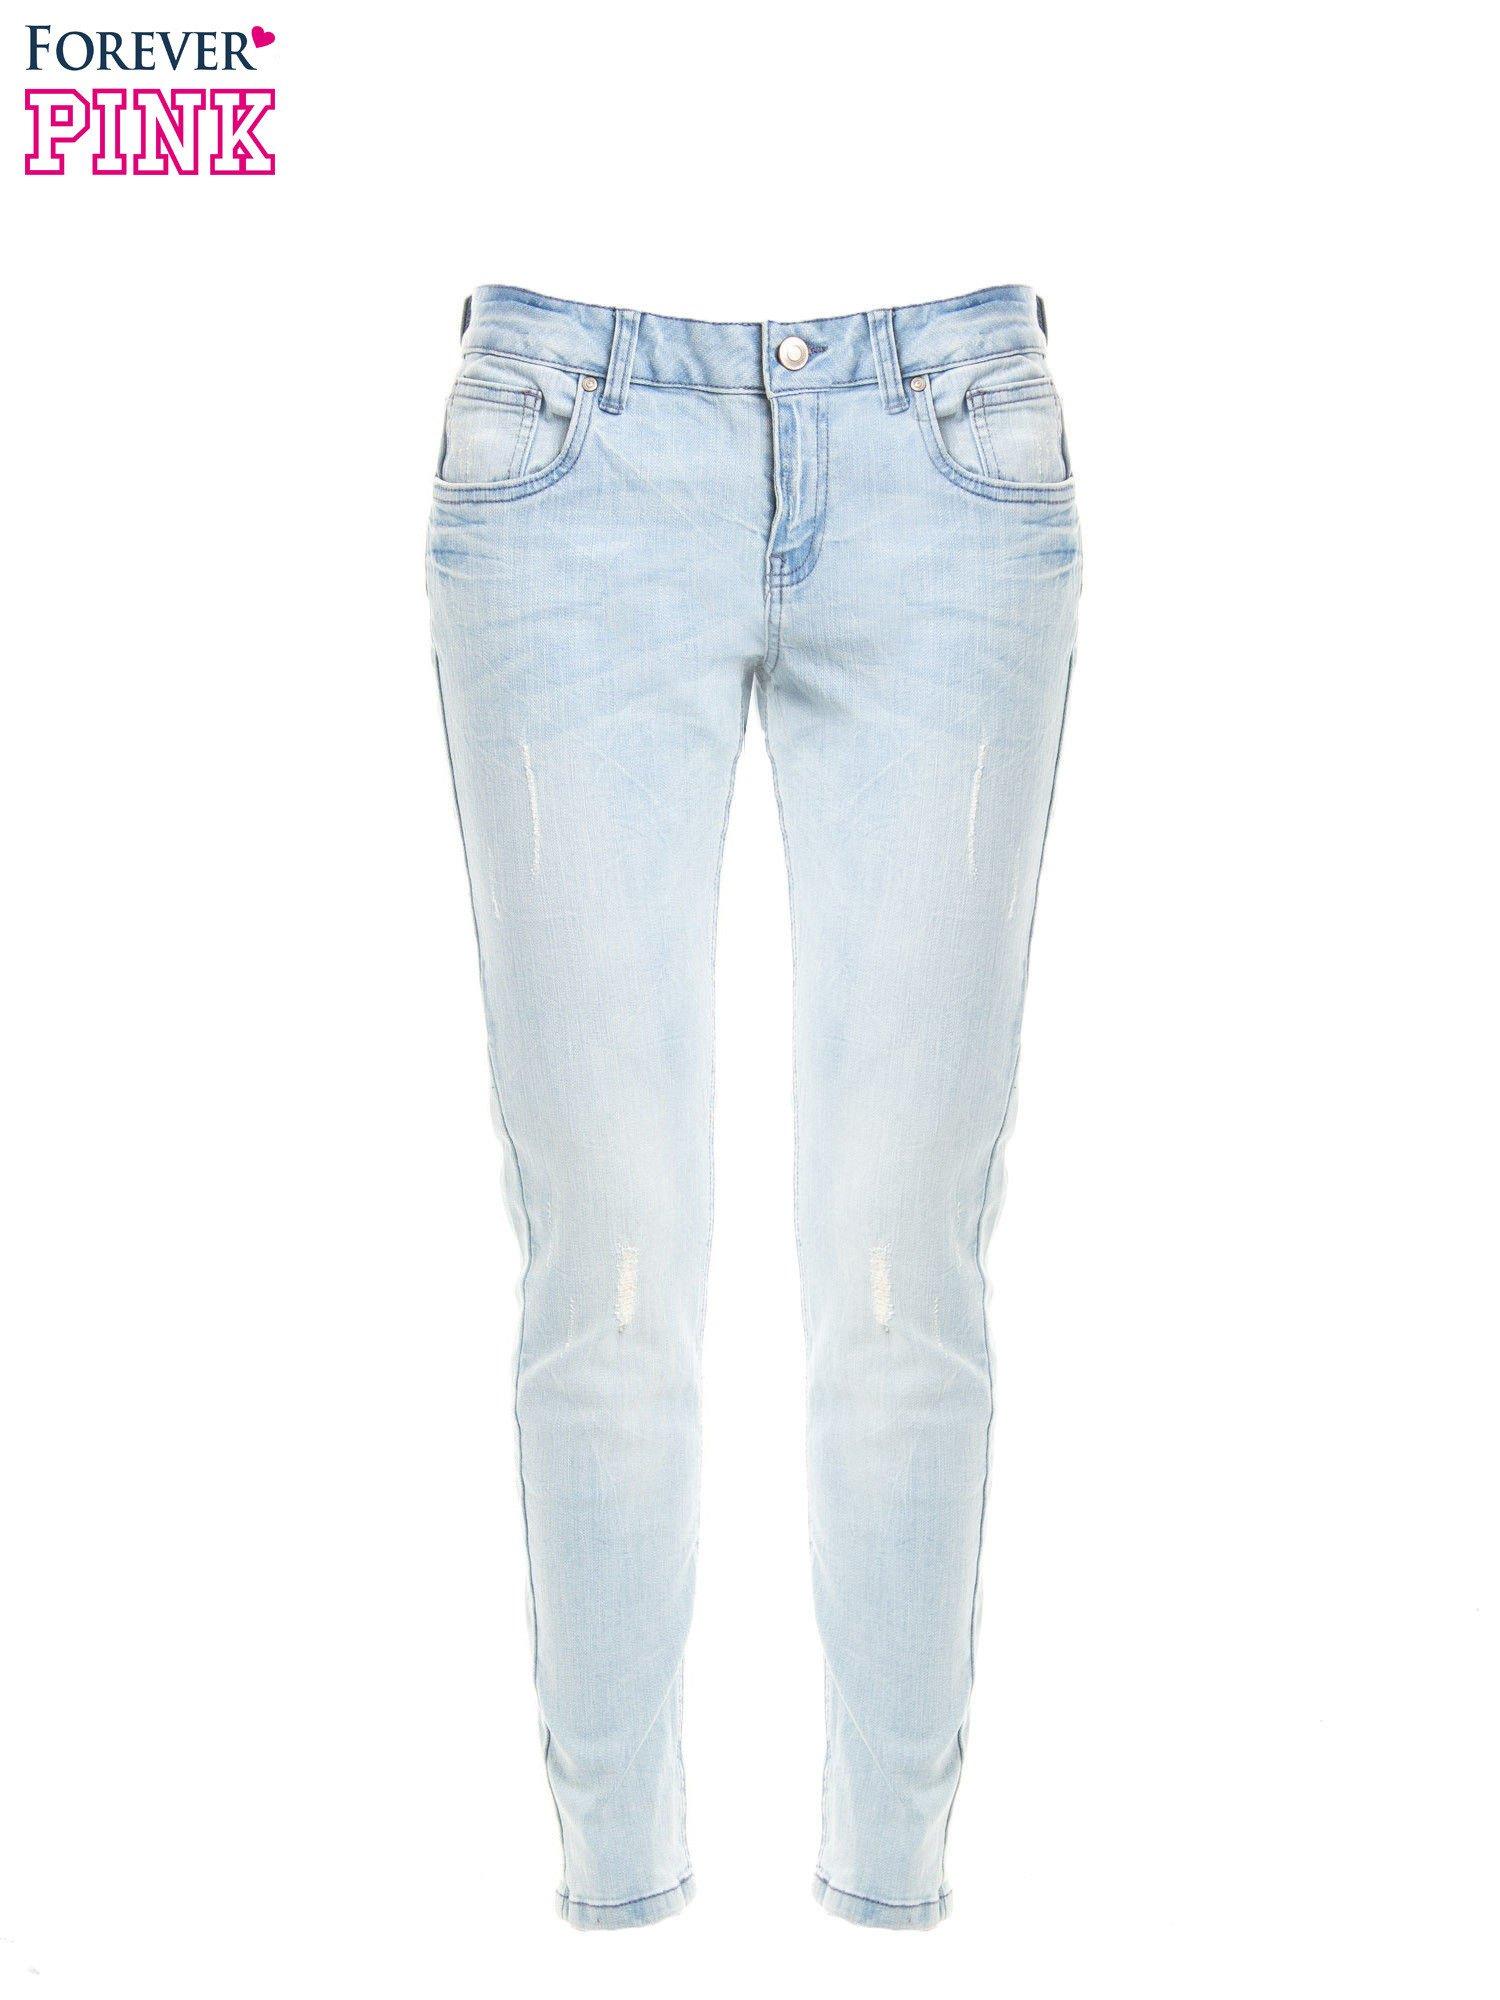 Jasnoniebieskie jeansy rurki z przetarciami                                  zdj.                                  1